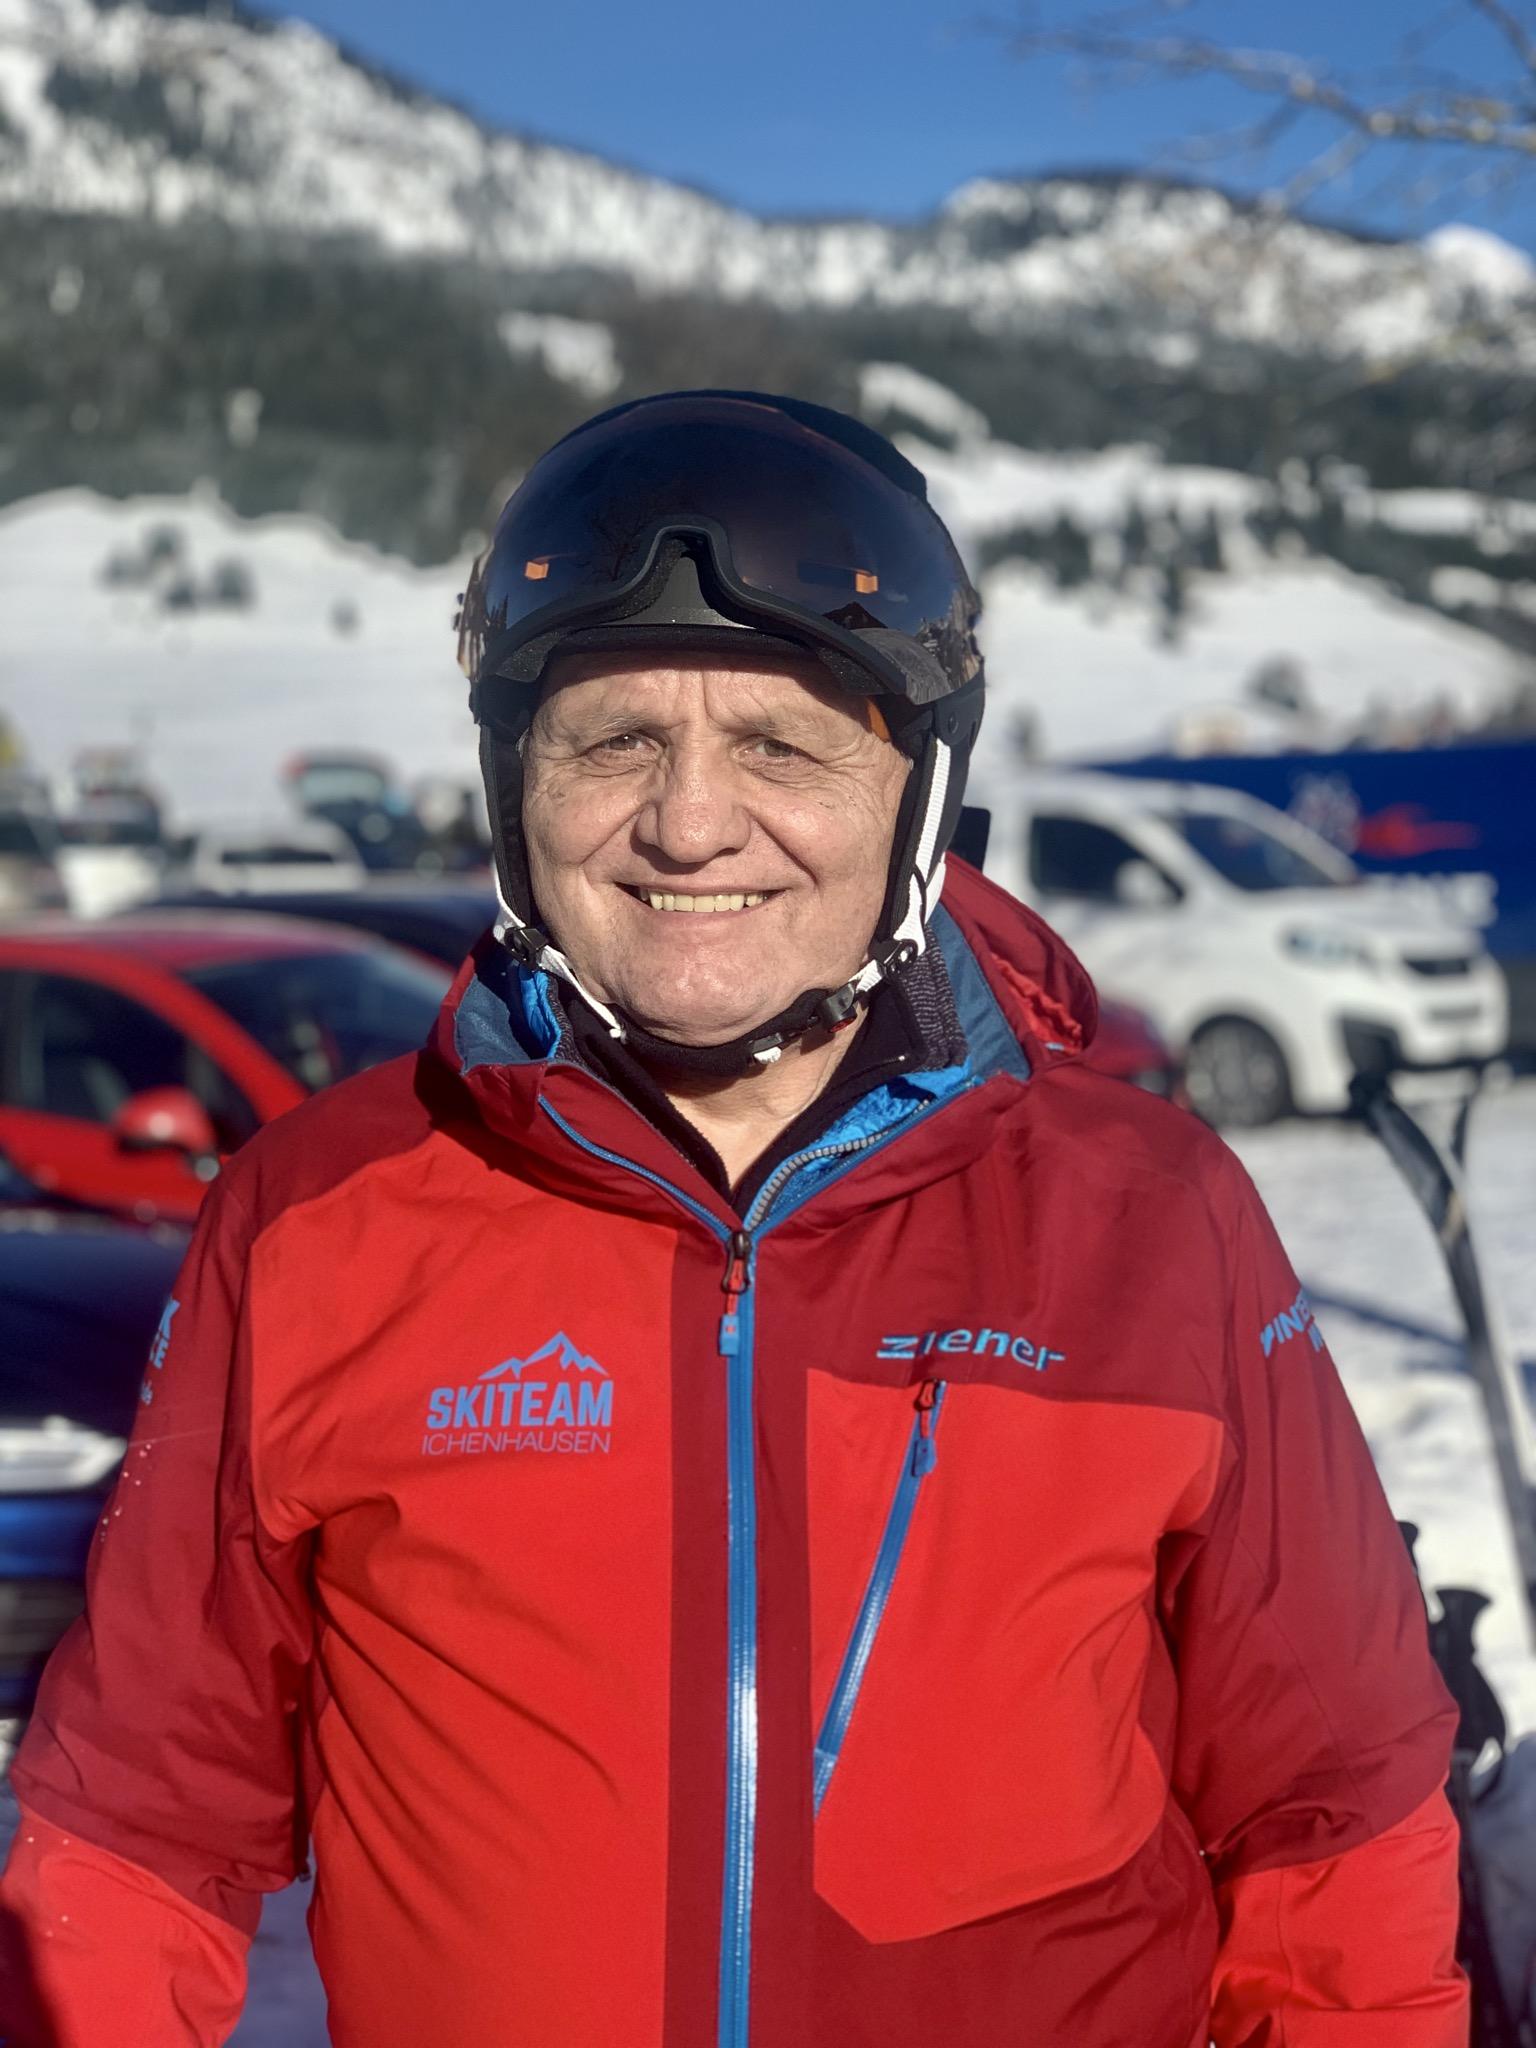 Jürgen Herbel